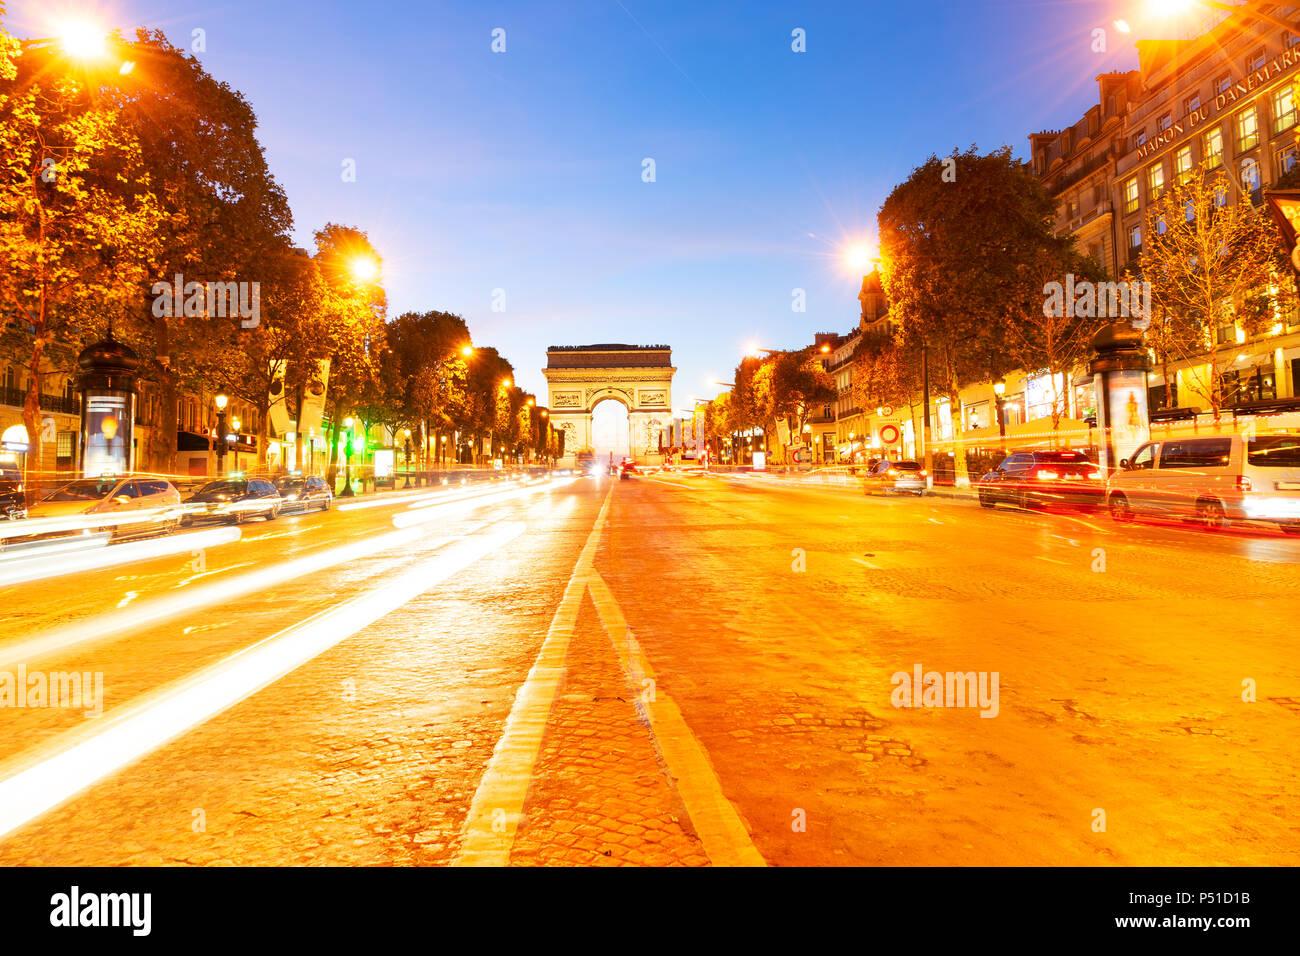 Arc de triomphe, Paris, France - Stock Image